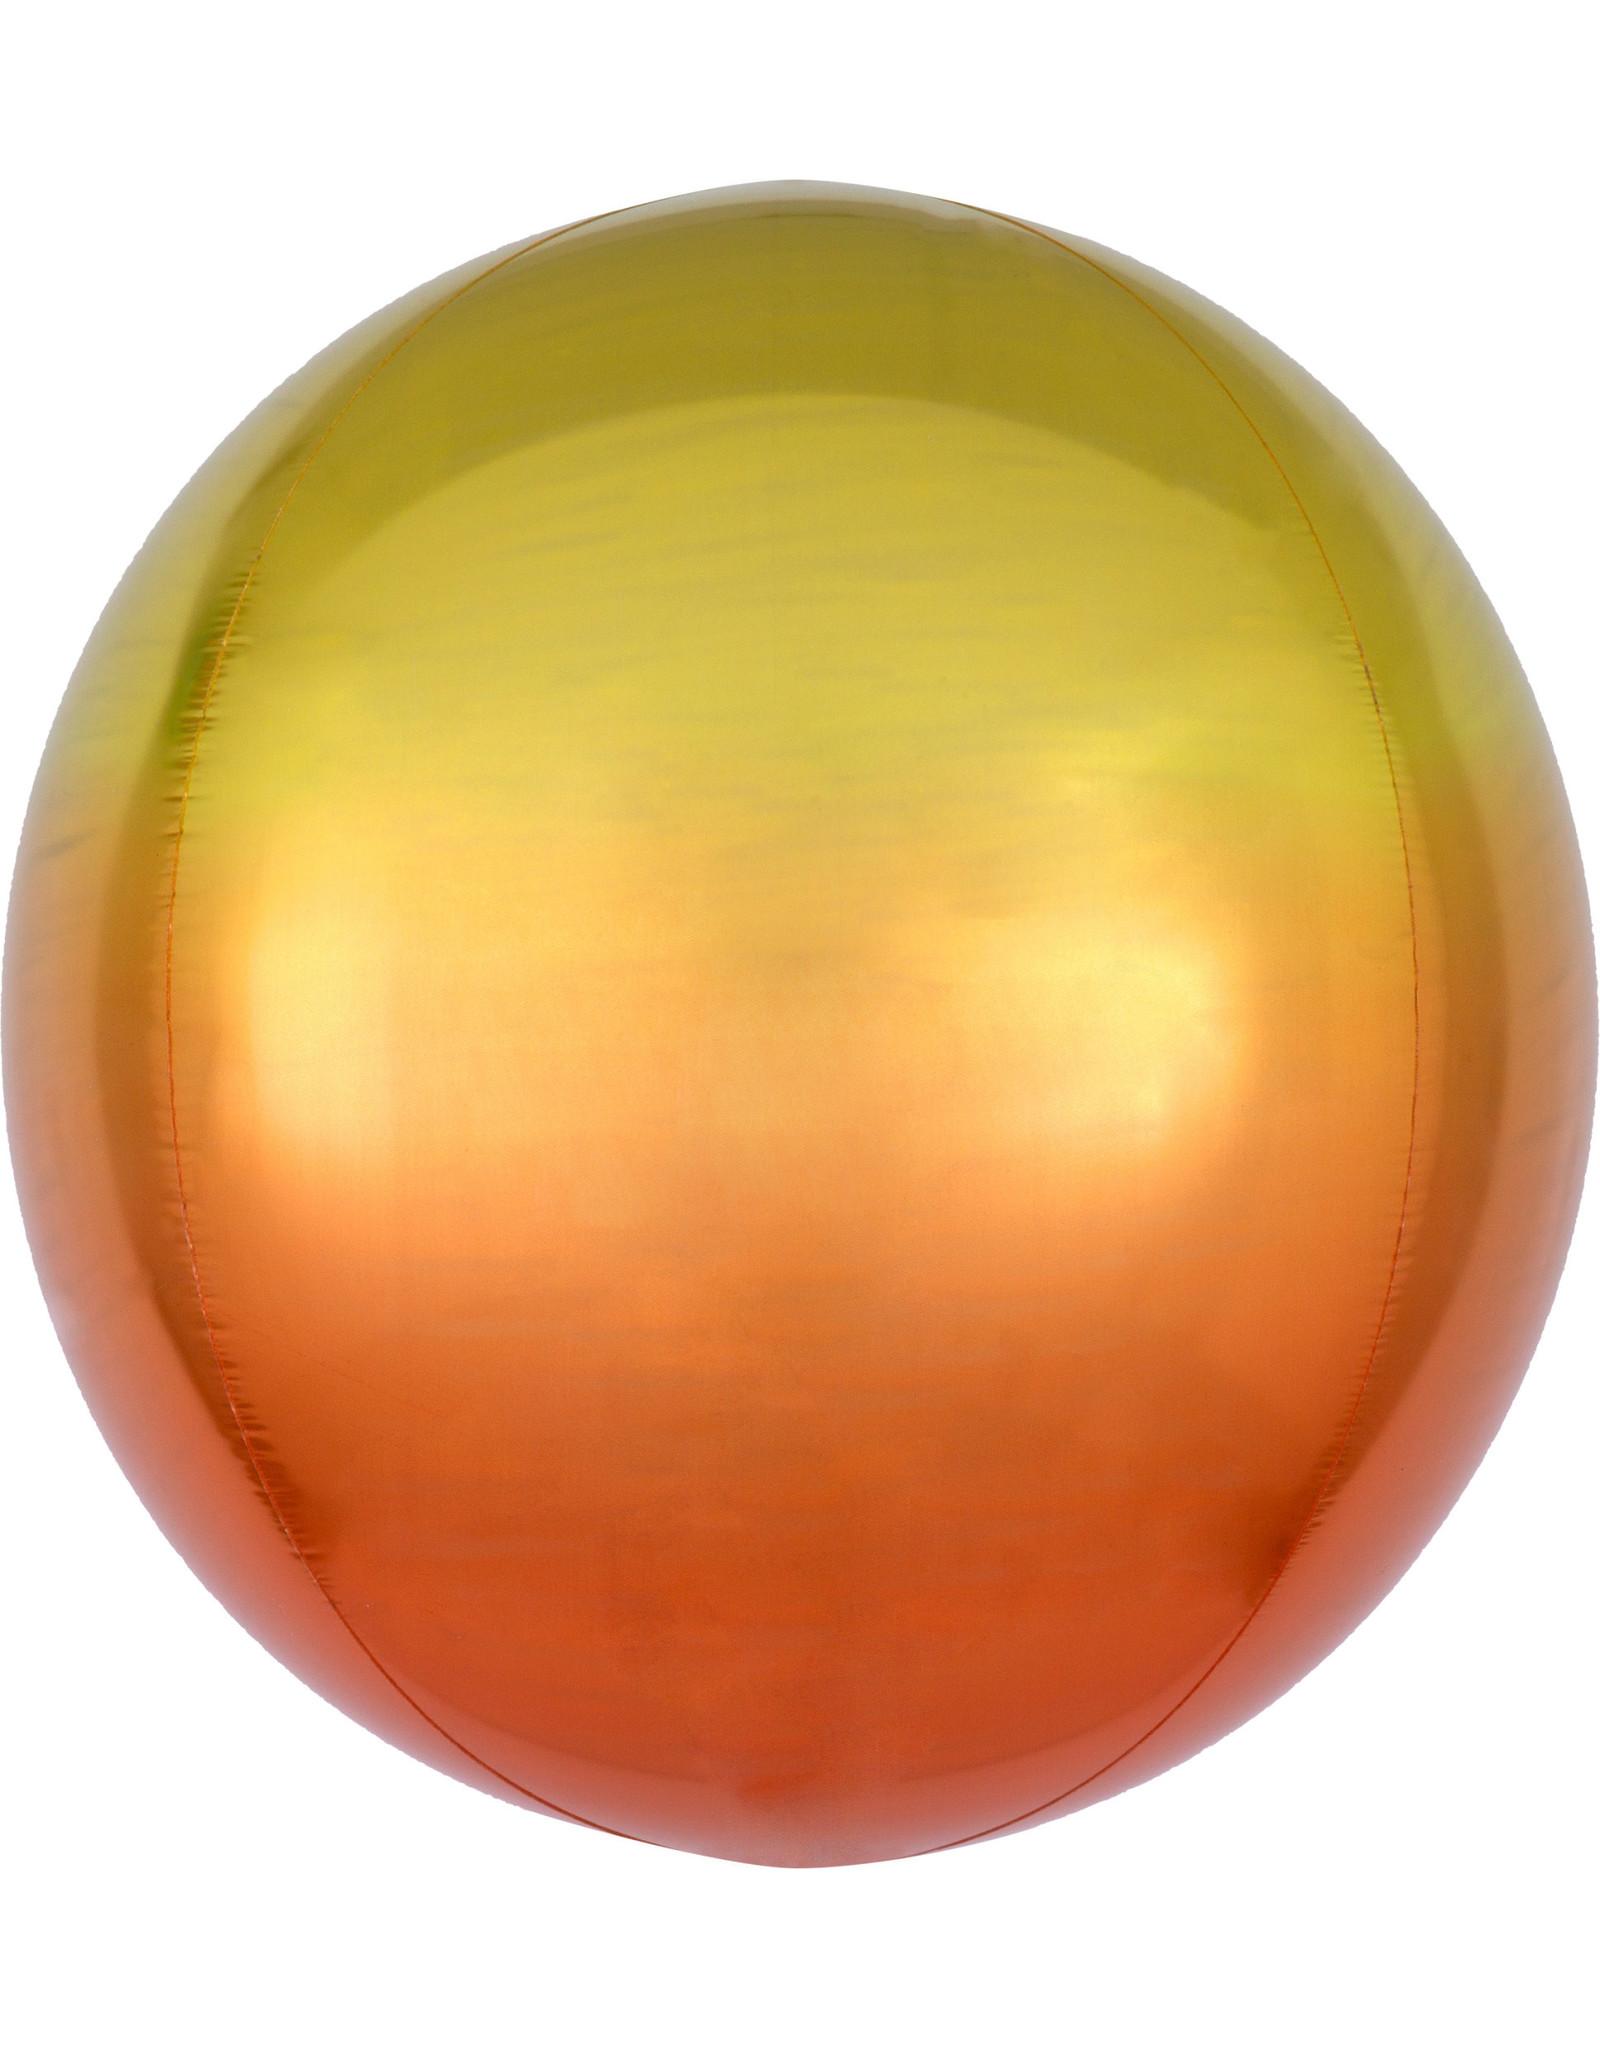 Amscan folieballon orbz geel oranje 38 x 40 cm